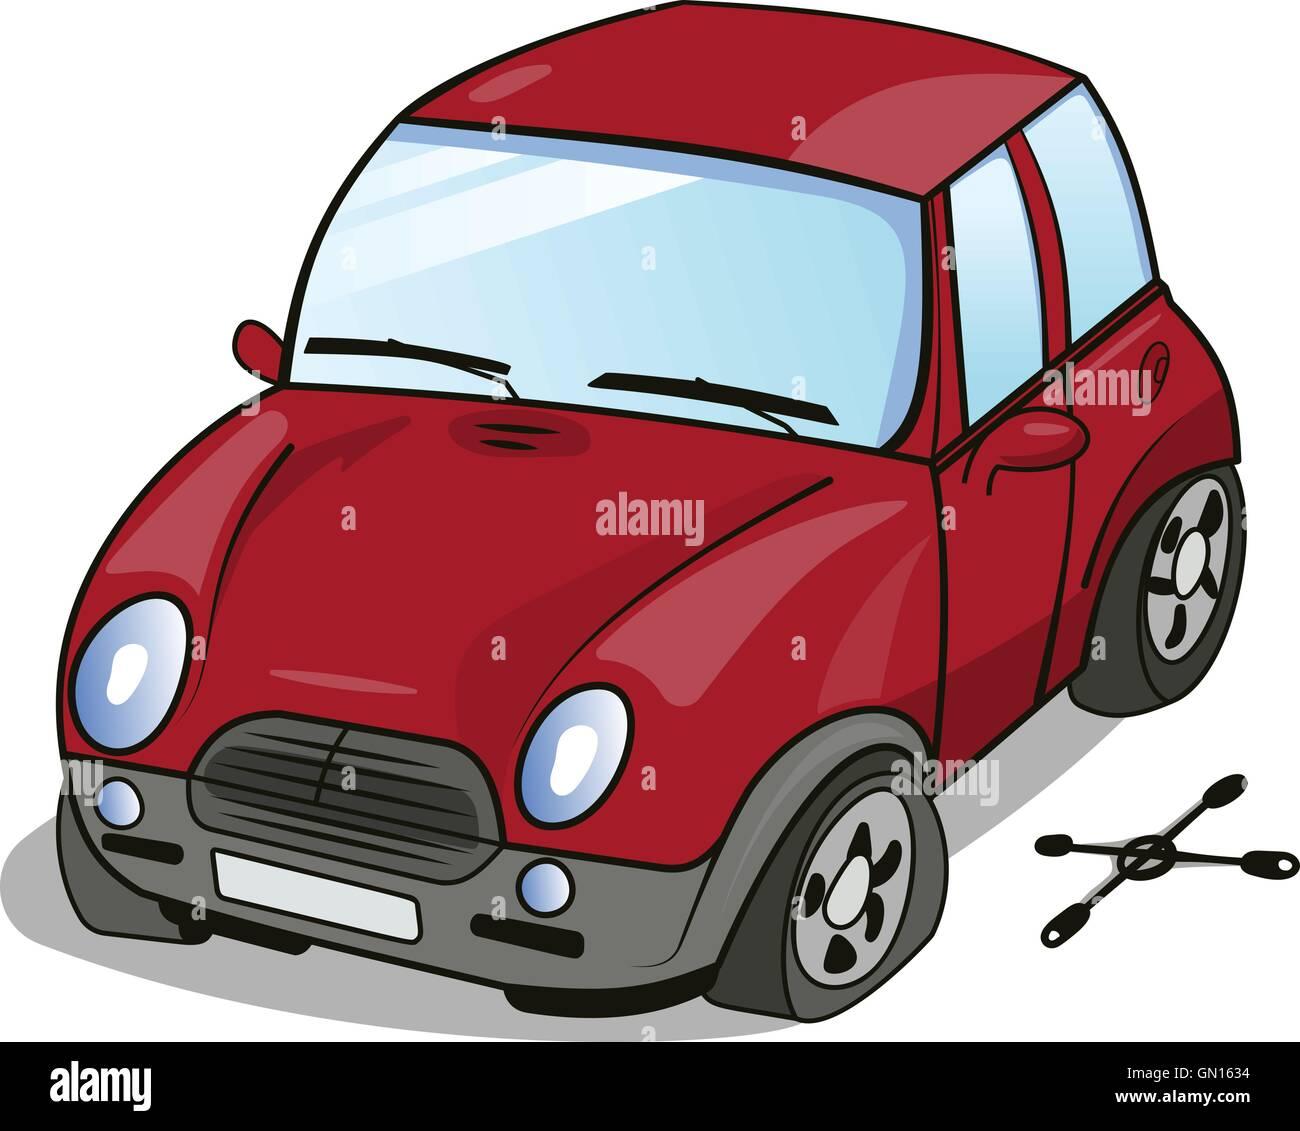 Car Stock Photos: Cartoon Crash Car Stock Photos & Cartoon Crash Car Stock